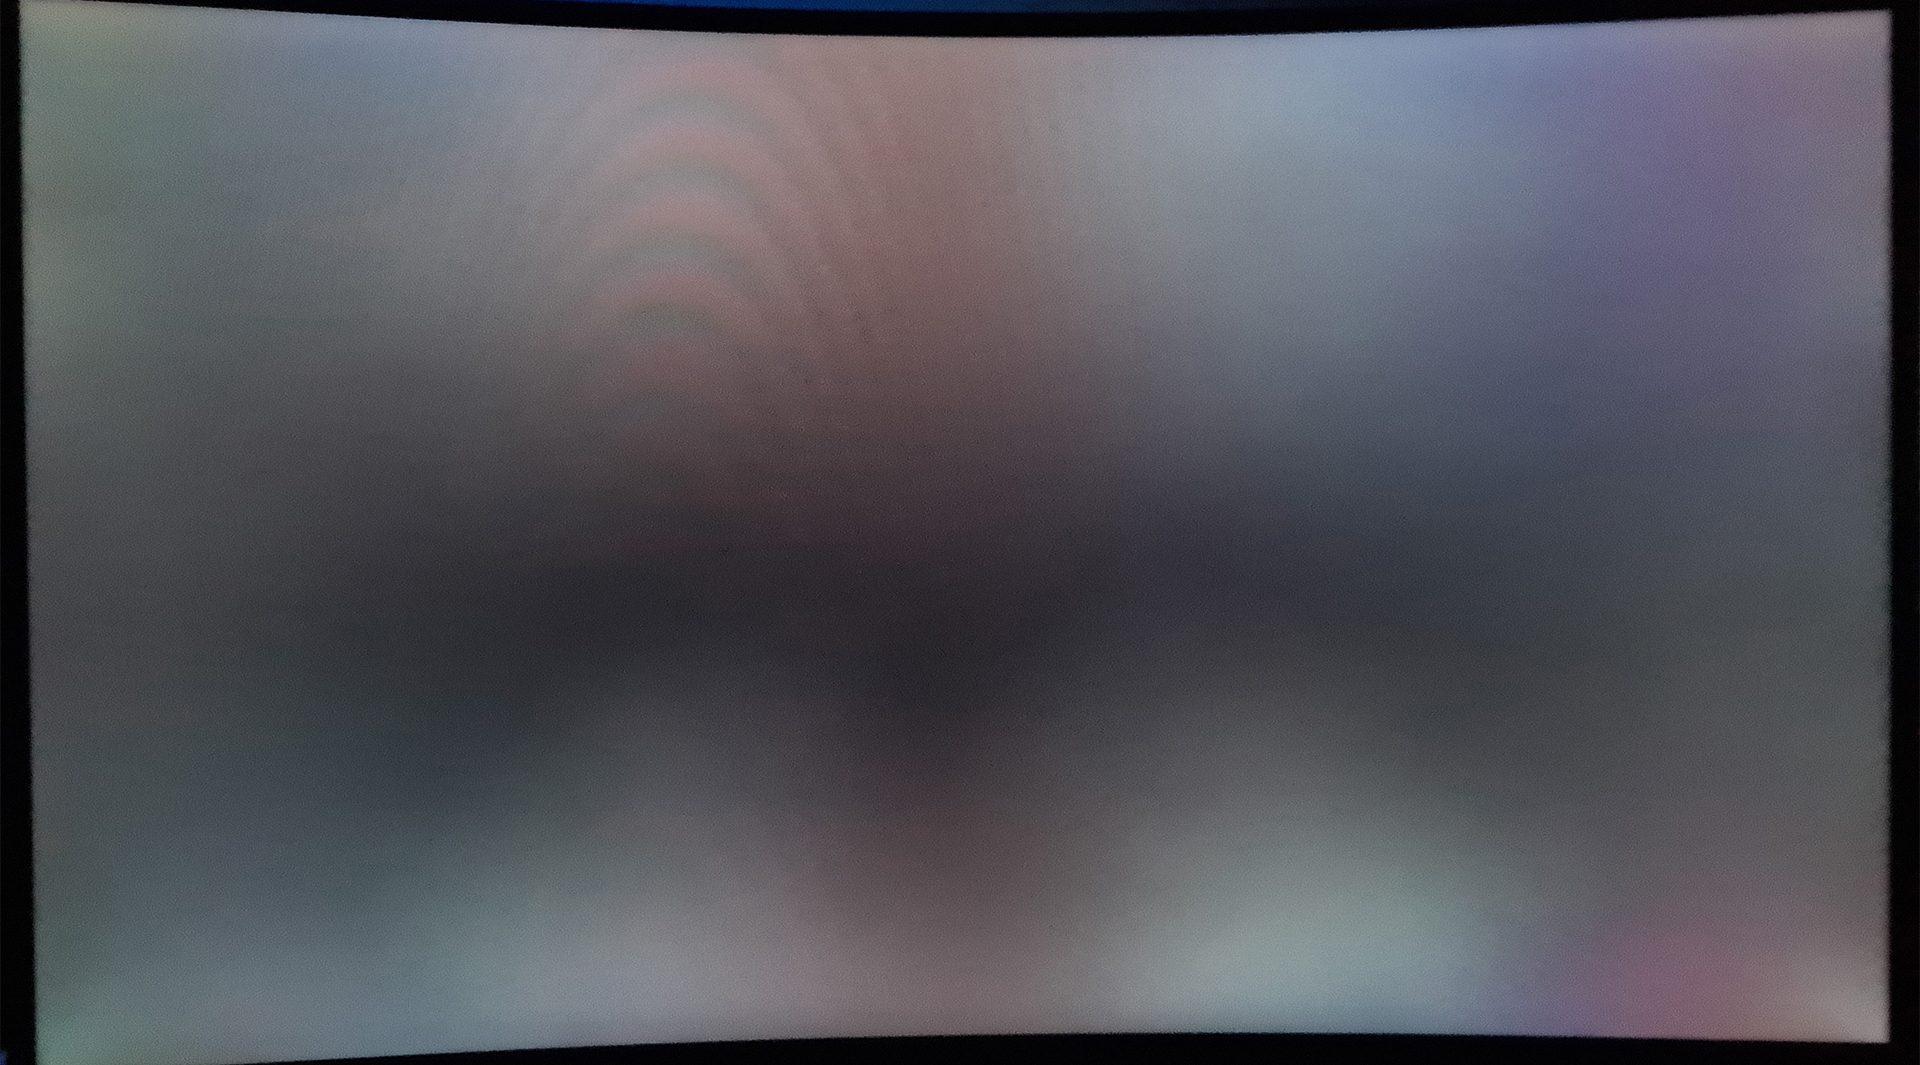 MSI Optix MAG271CR Clouding Backlight Bleeding